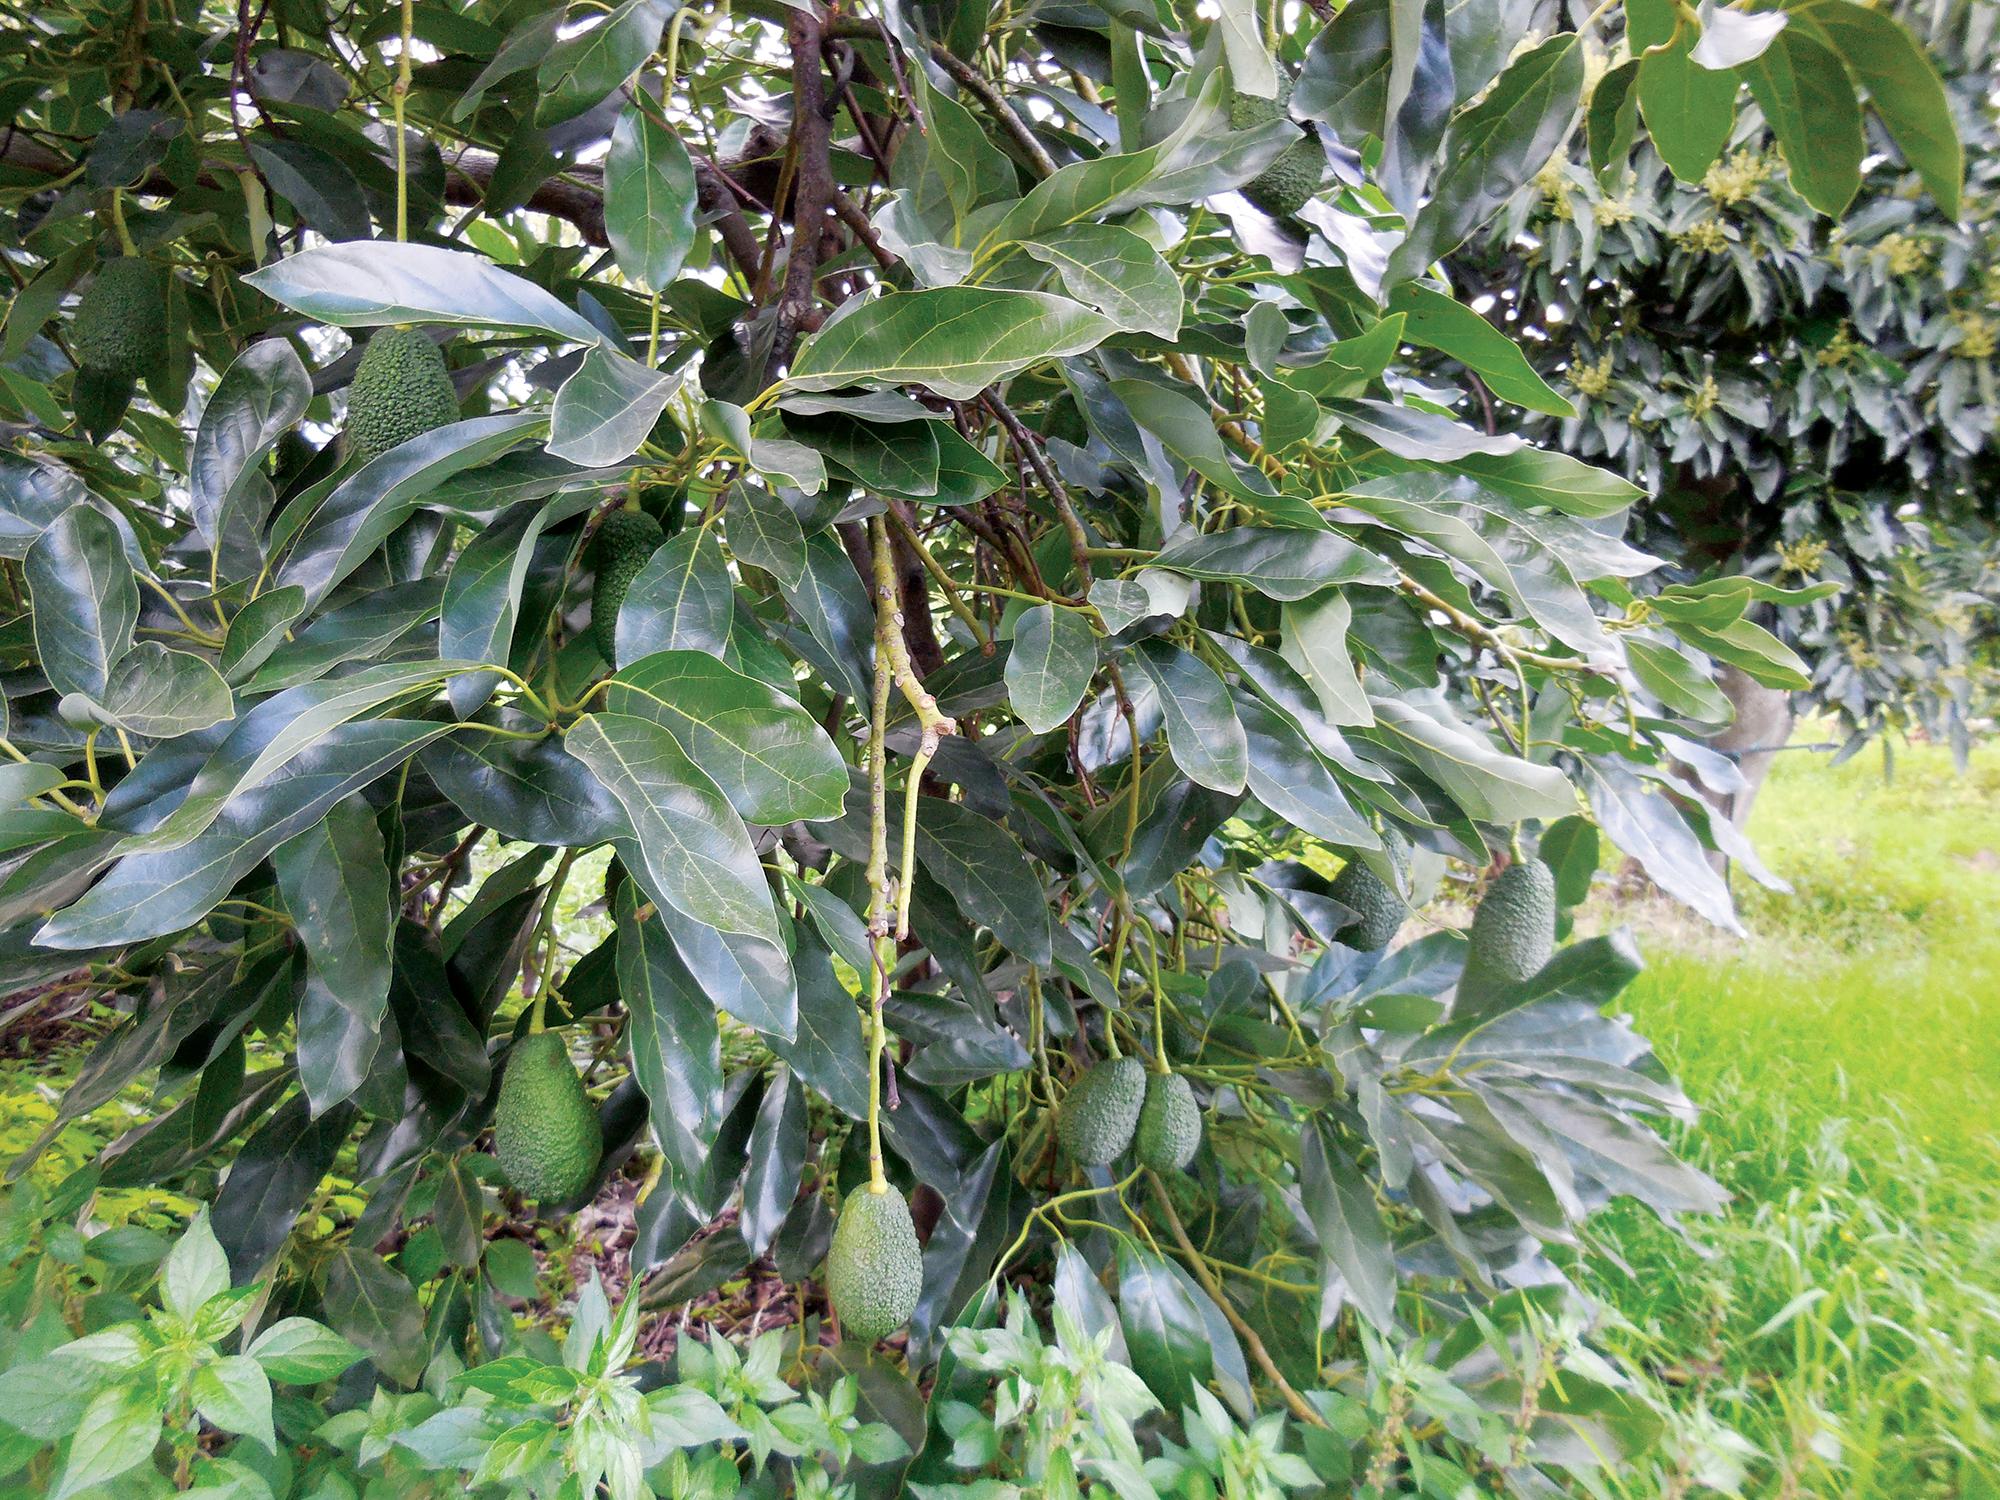 Vivaio Forestale Sicilia : Orto botanico piante officinali siciliane